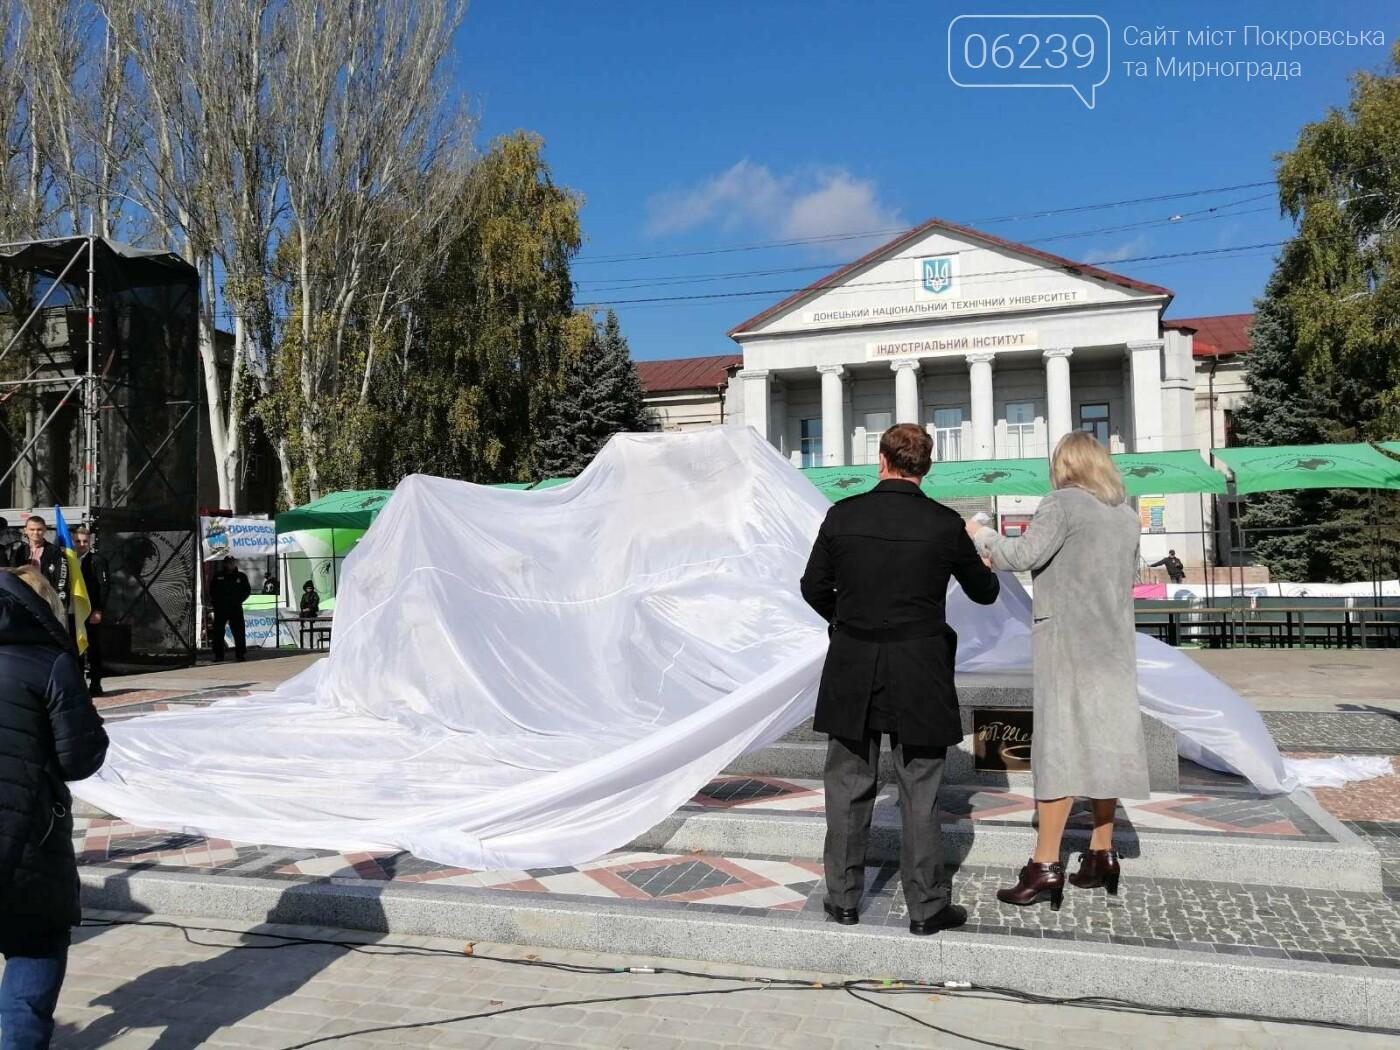 В Покровске состоялось торжественное открытие памятника Шевченко, фото-9